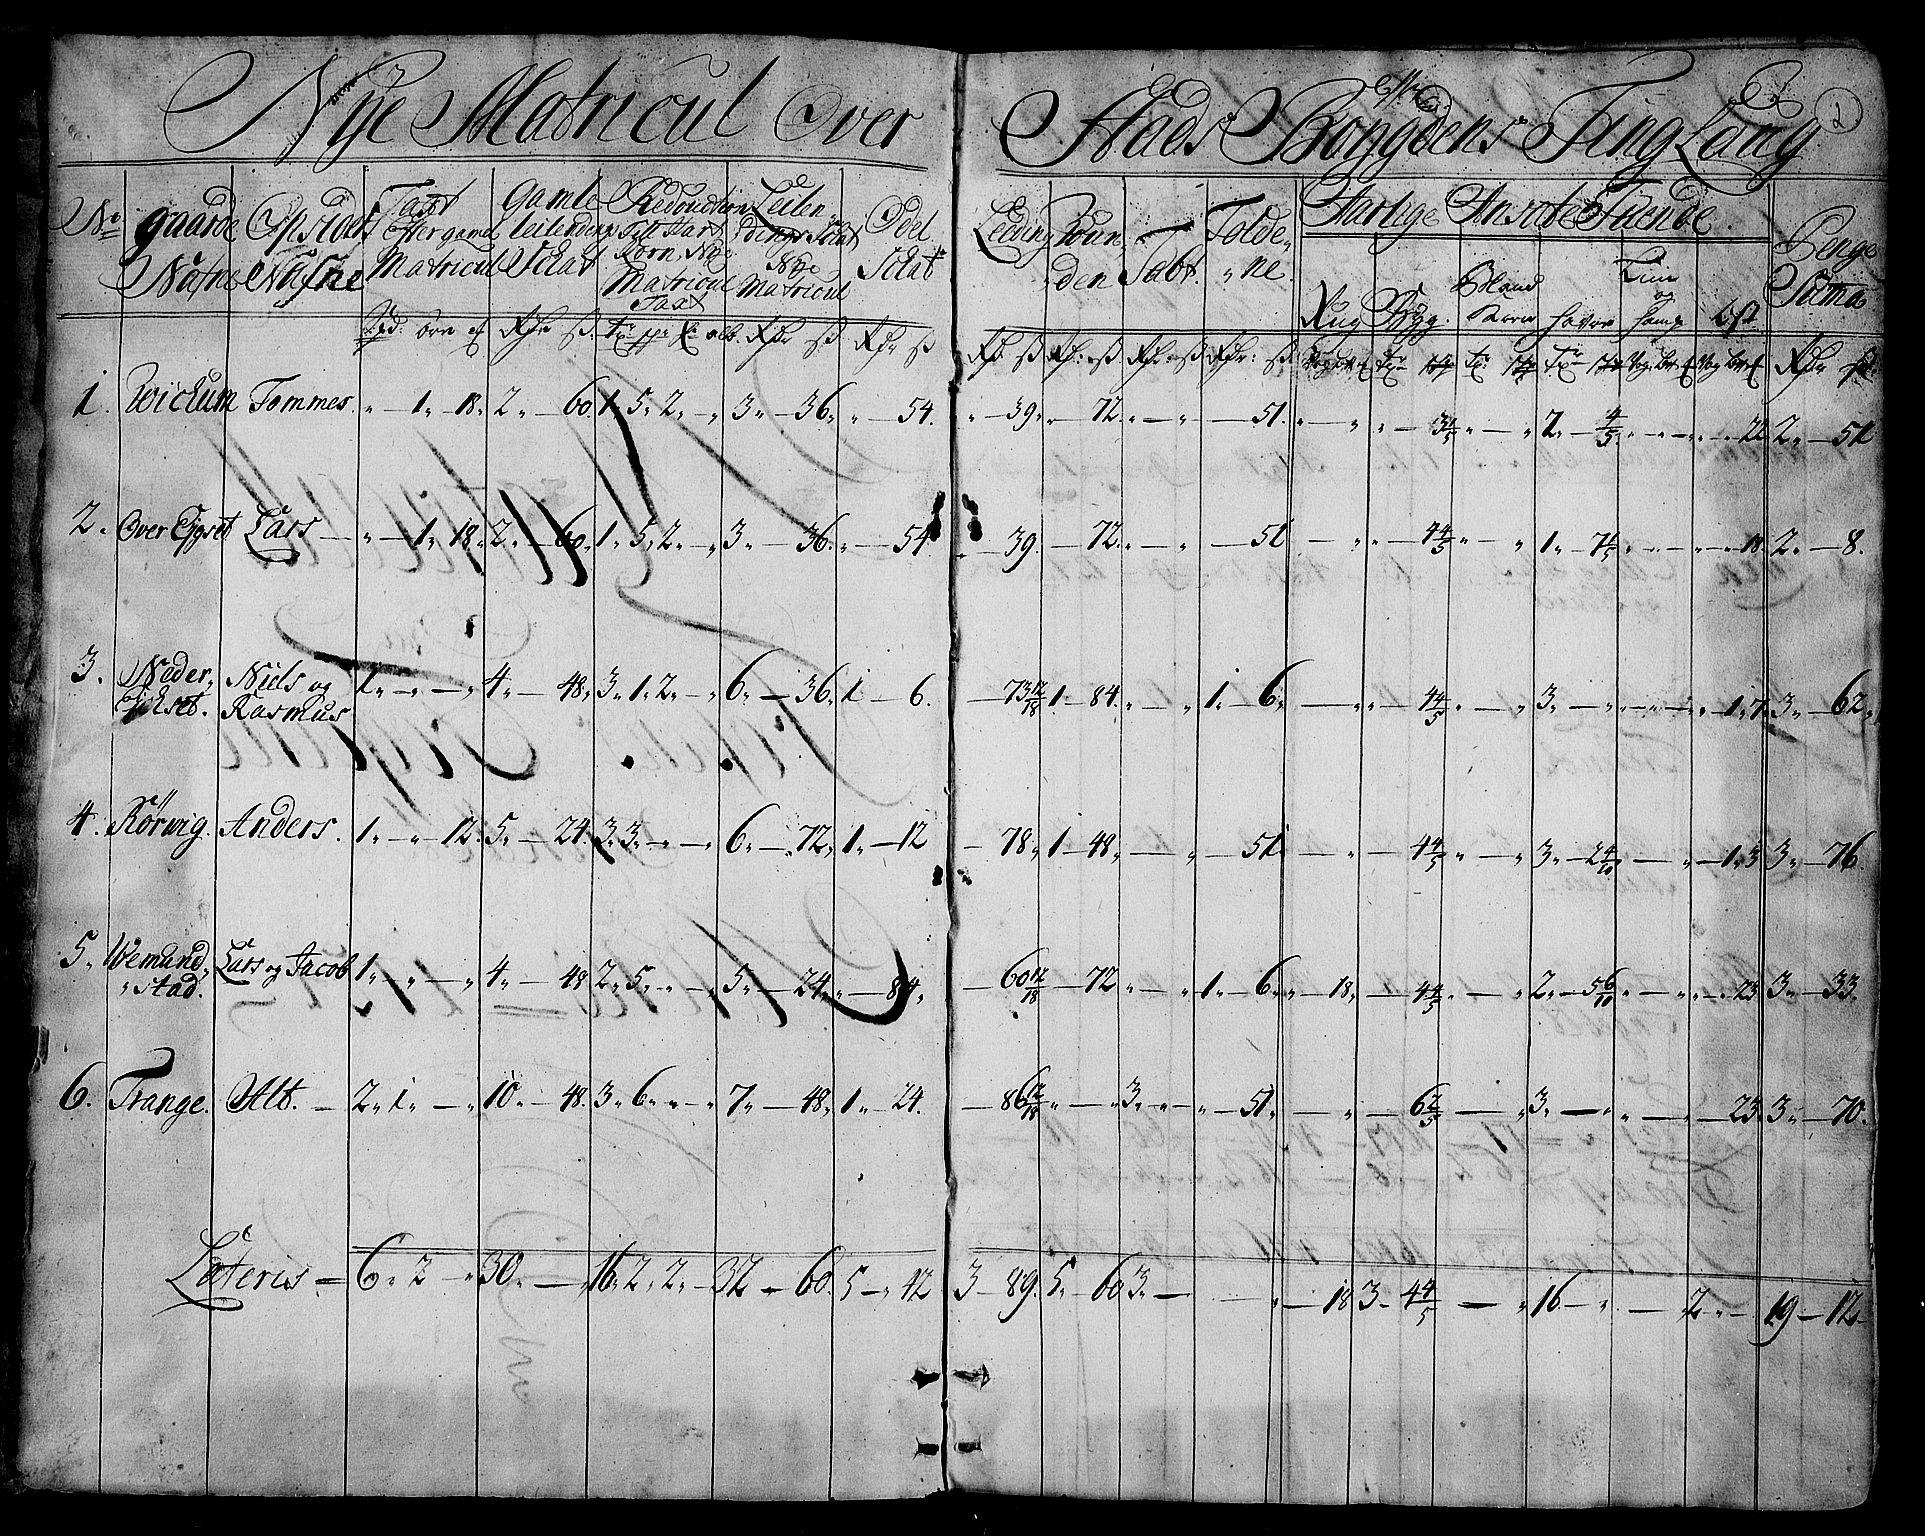 RA, Rentekammeret inntil 1814, Realistisk ordnet avdeling, N/Nb/Nbf/L0163: Fosen matrikkelprotokoll, 1723, s. 1